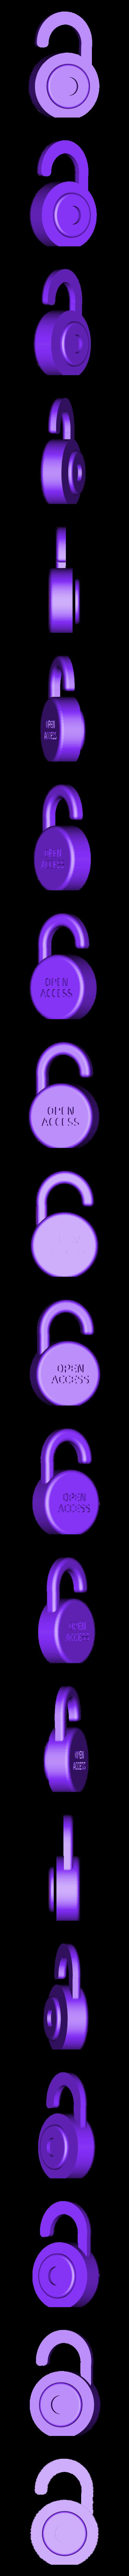 Open_Access_dual_white.stl Télécharger fichier STL gratuit Logo en libre accès • Design à imprimer en 3D, sjpiper145